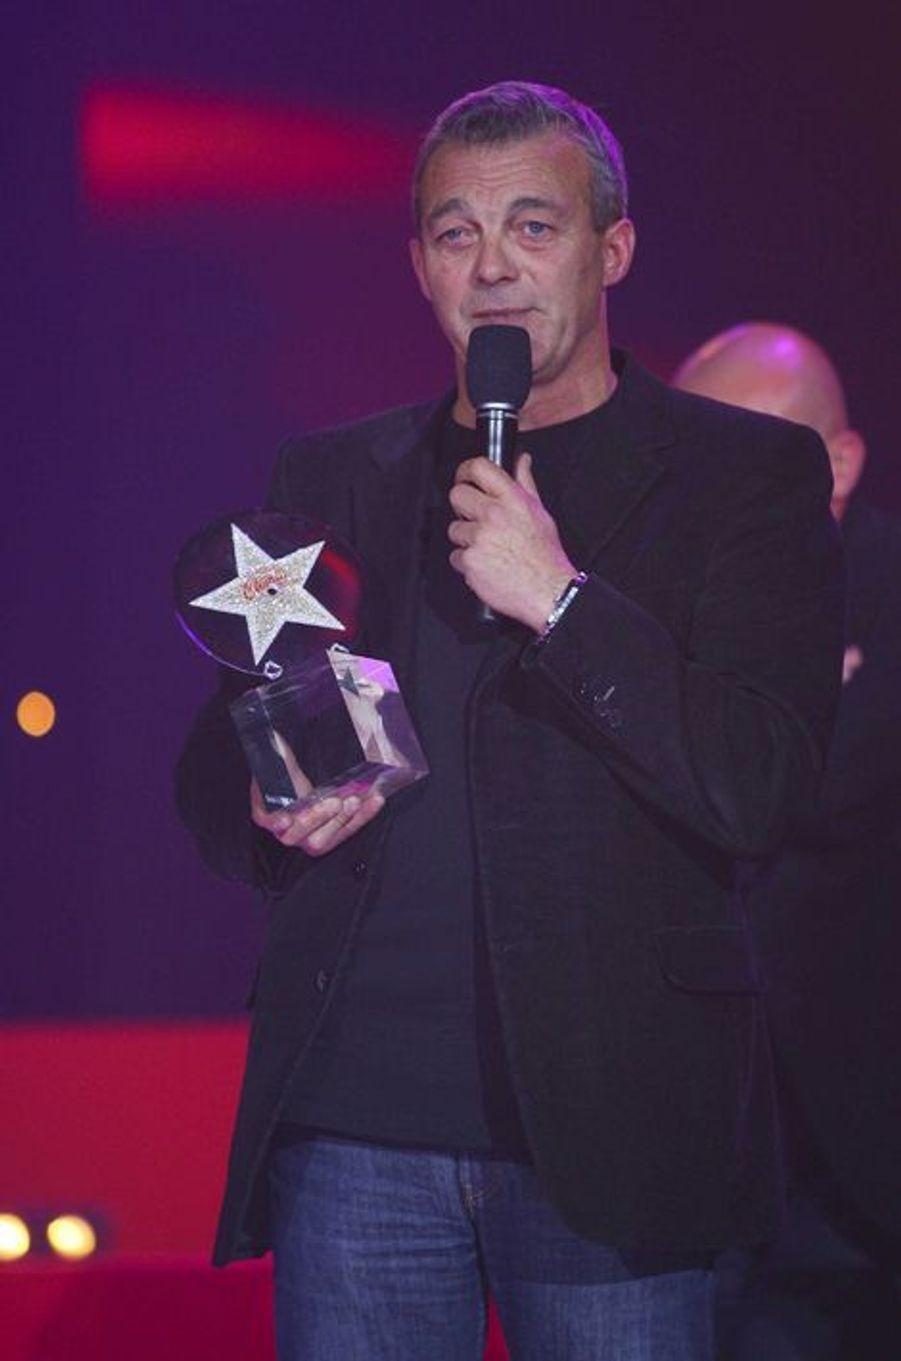 Le père de Grégory Lemarchal, Pierre, reçoit un prix des Etoiles Chérie FM pour lui en novembre 2011